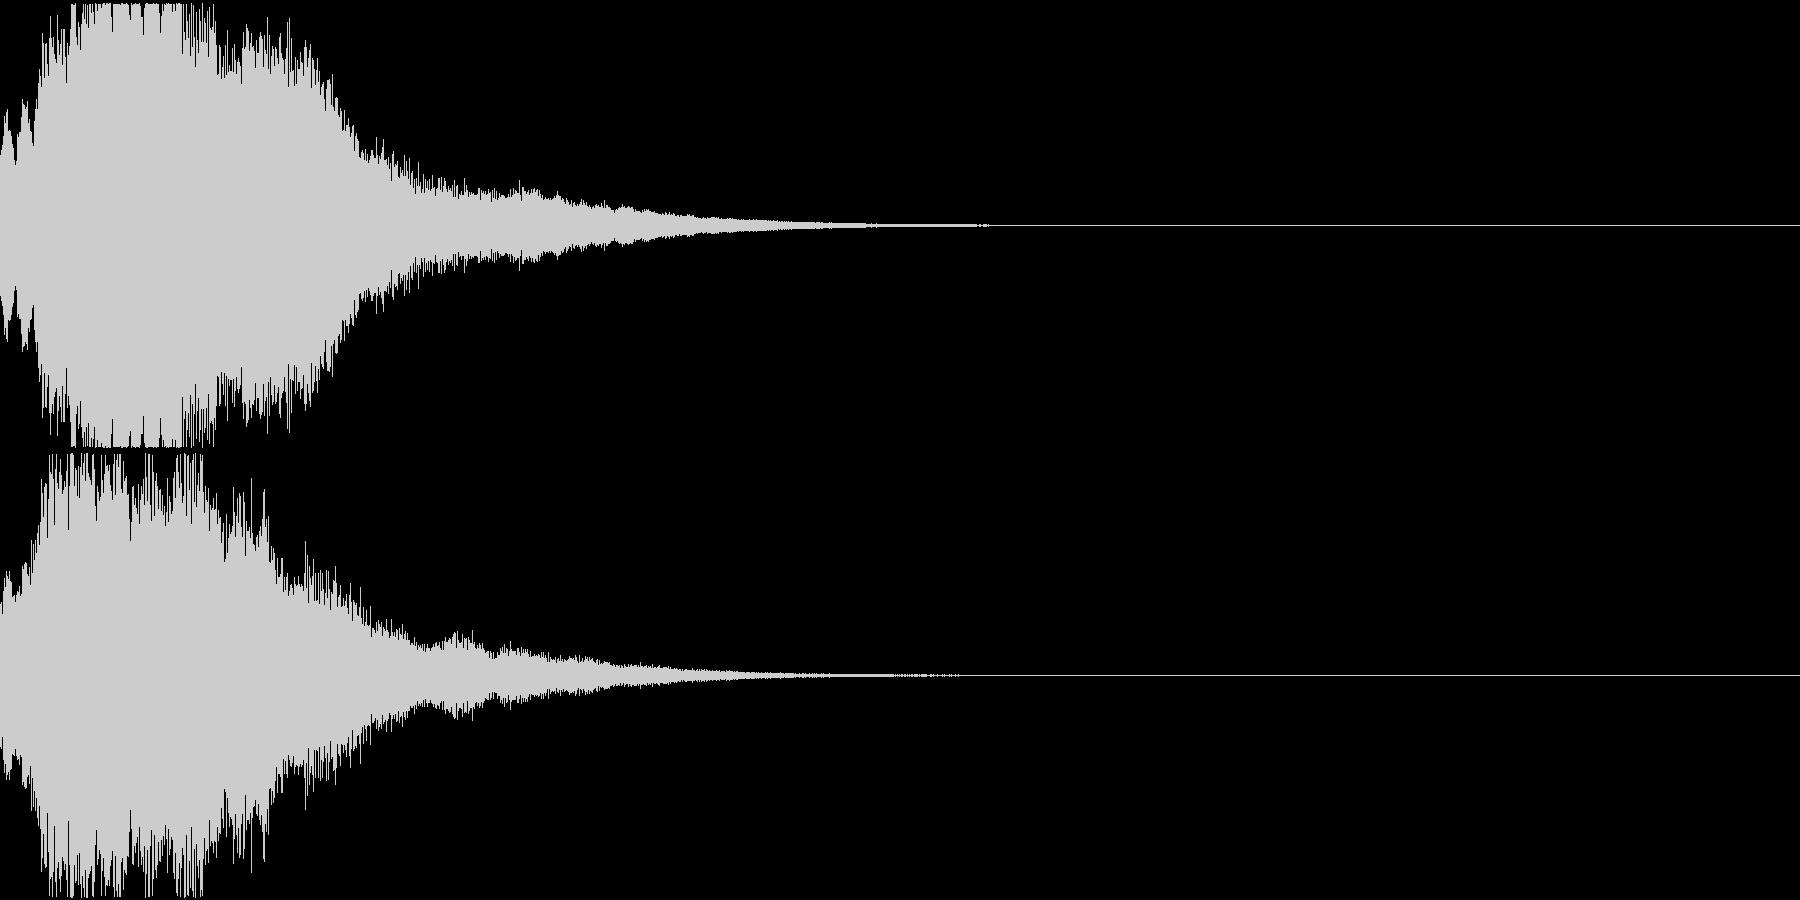 クリスマス ジングルベル キラキラ 06の未再生の波形